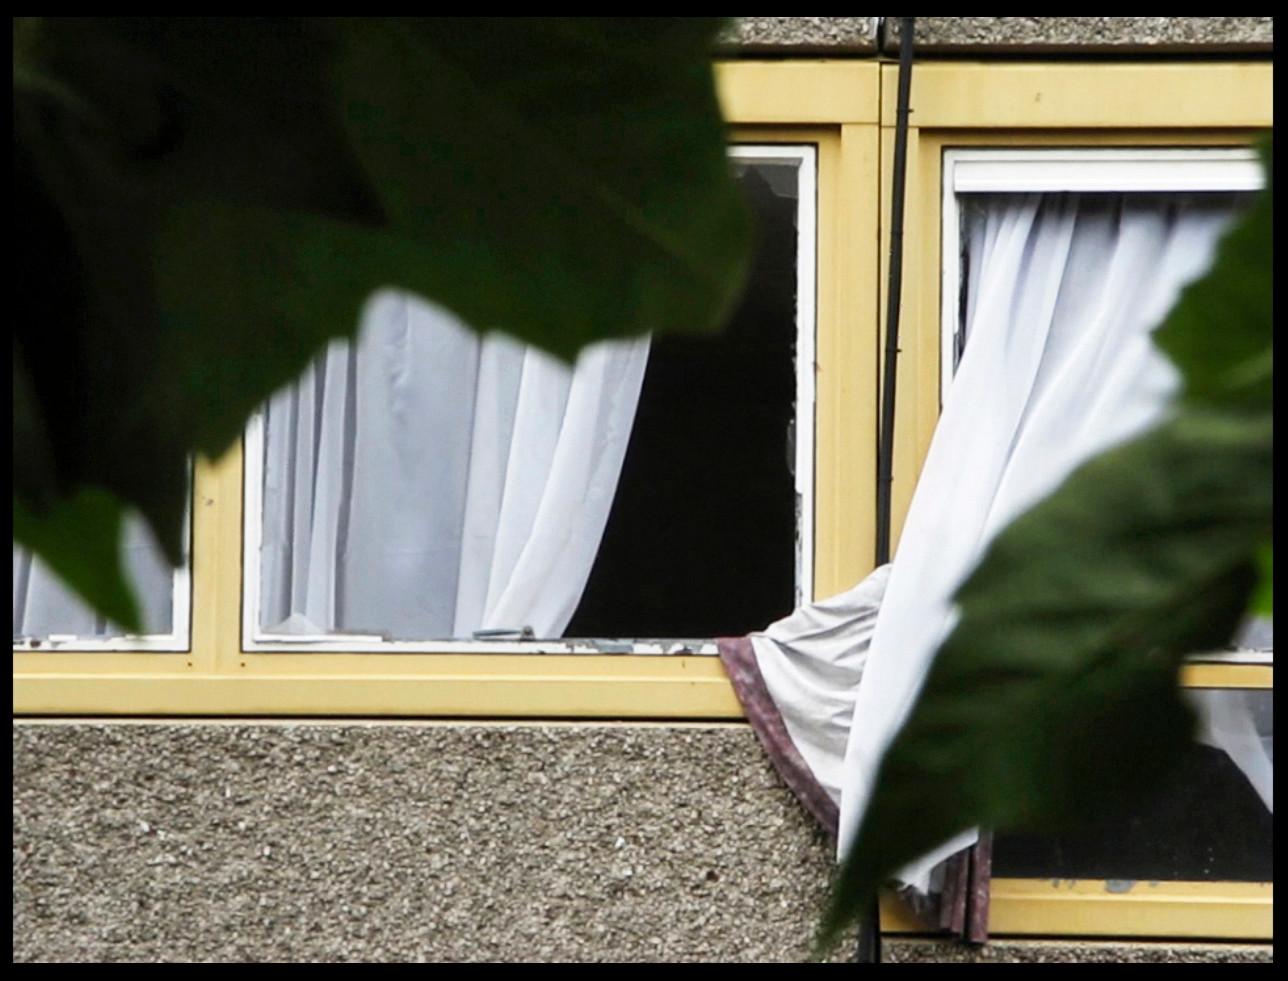 Windows by Roelof Bakker